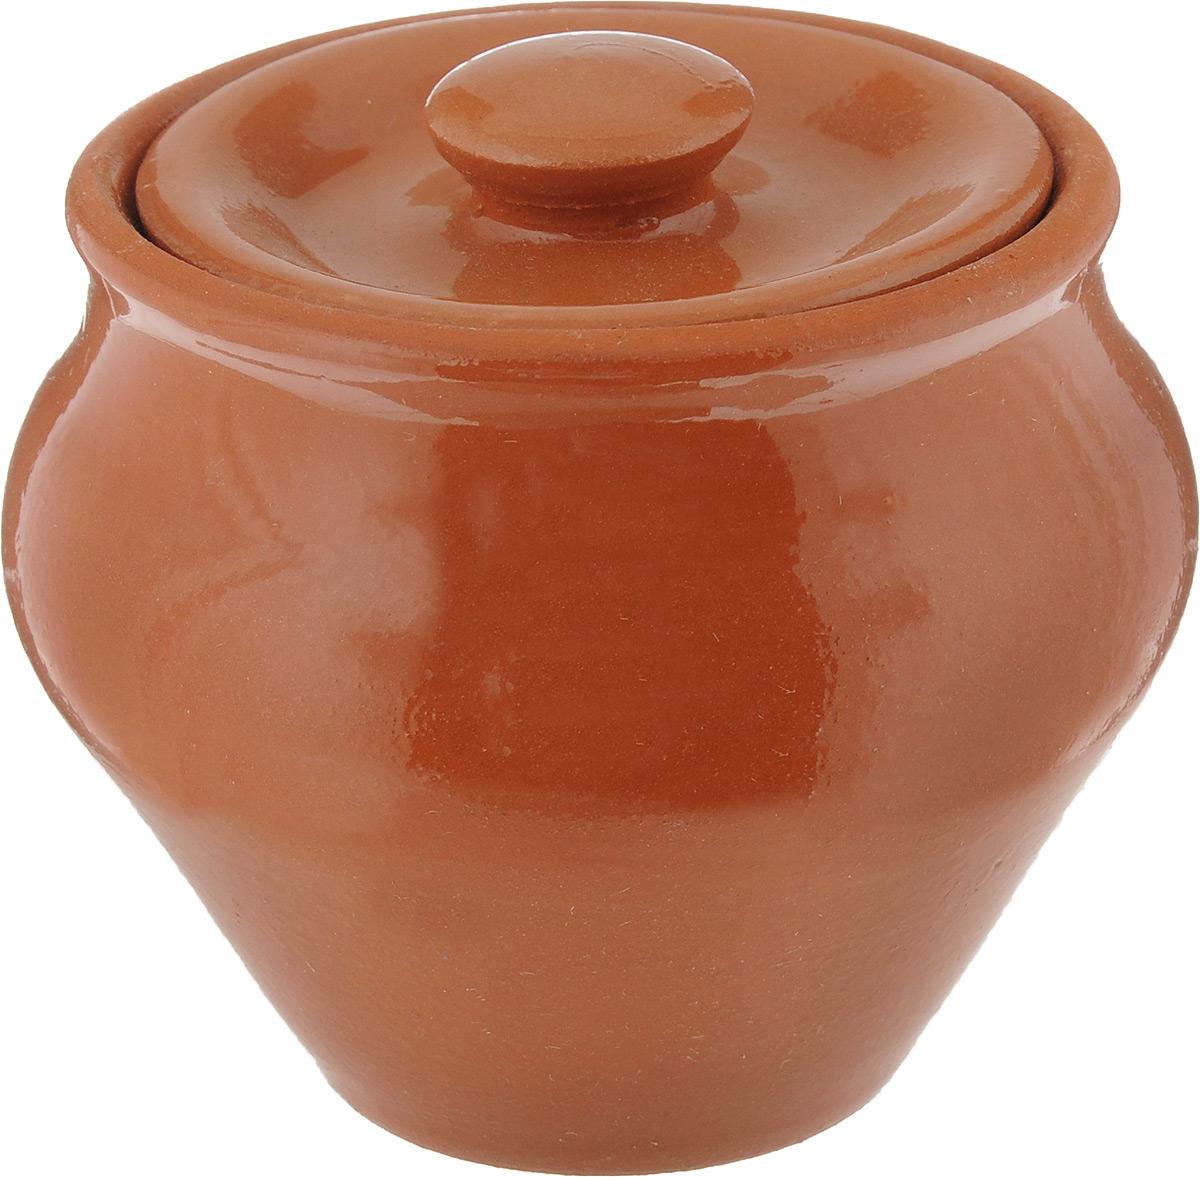 Горшок для запекания Пилот МС, с крышкой, цвет: оранжевый, 0,25 лГП 0,25Горшок с крышкой для запекания Пилот МС выполнен из высококачественной керамики. Уникальные свойства керамики и толстые стенки изделия обеспечивают эффект русской печи при приготовлении блюд. Блюда, приготовленные в таком горшочке, получаются нежными и сочными. Вы сможете приготовить мясо, сделать томленые овощи и все это без капли масла. Это один из самых здоровых способов готовки. Предназначен горшок для приготовления блюд в духовом шкафу и микроволновой печи. Диаметр горшка (по верхнему краю): 7,5 см. Высота стенок: 7 см.